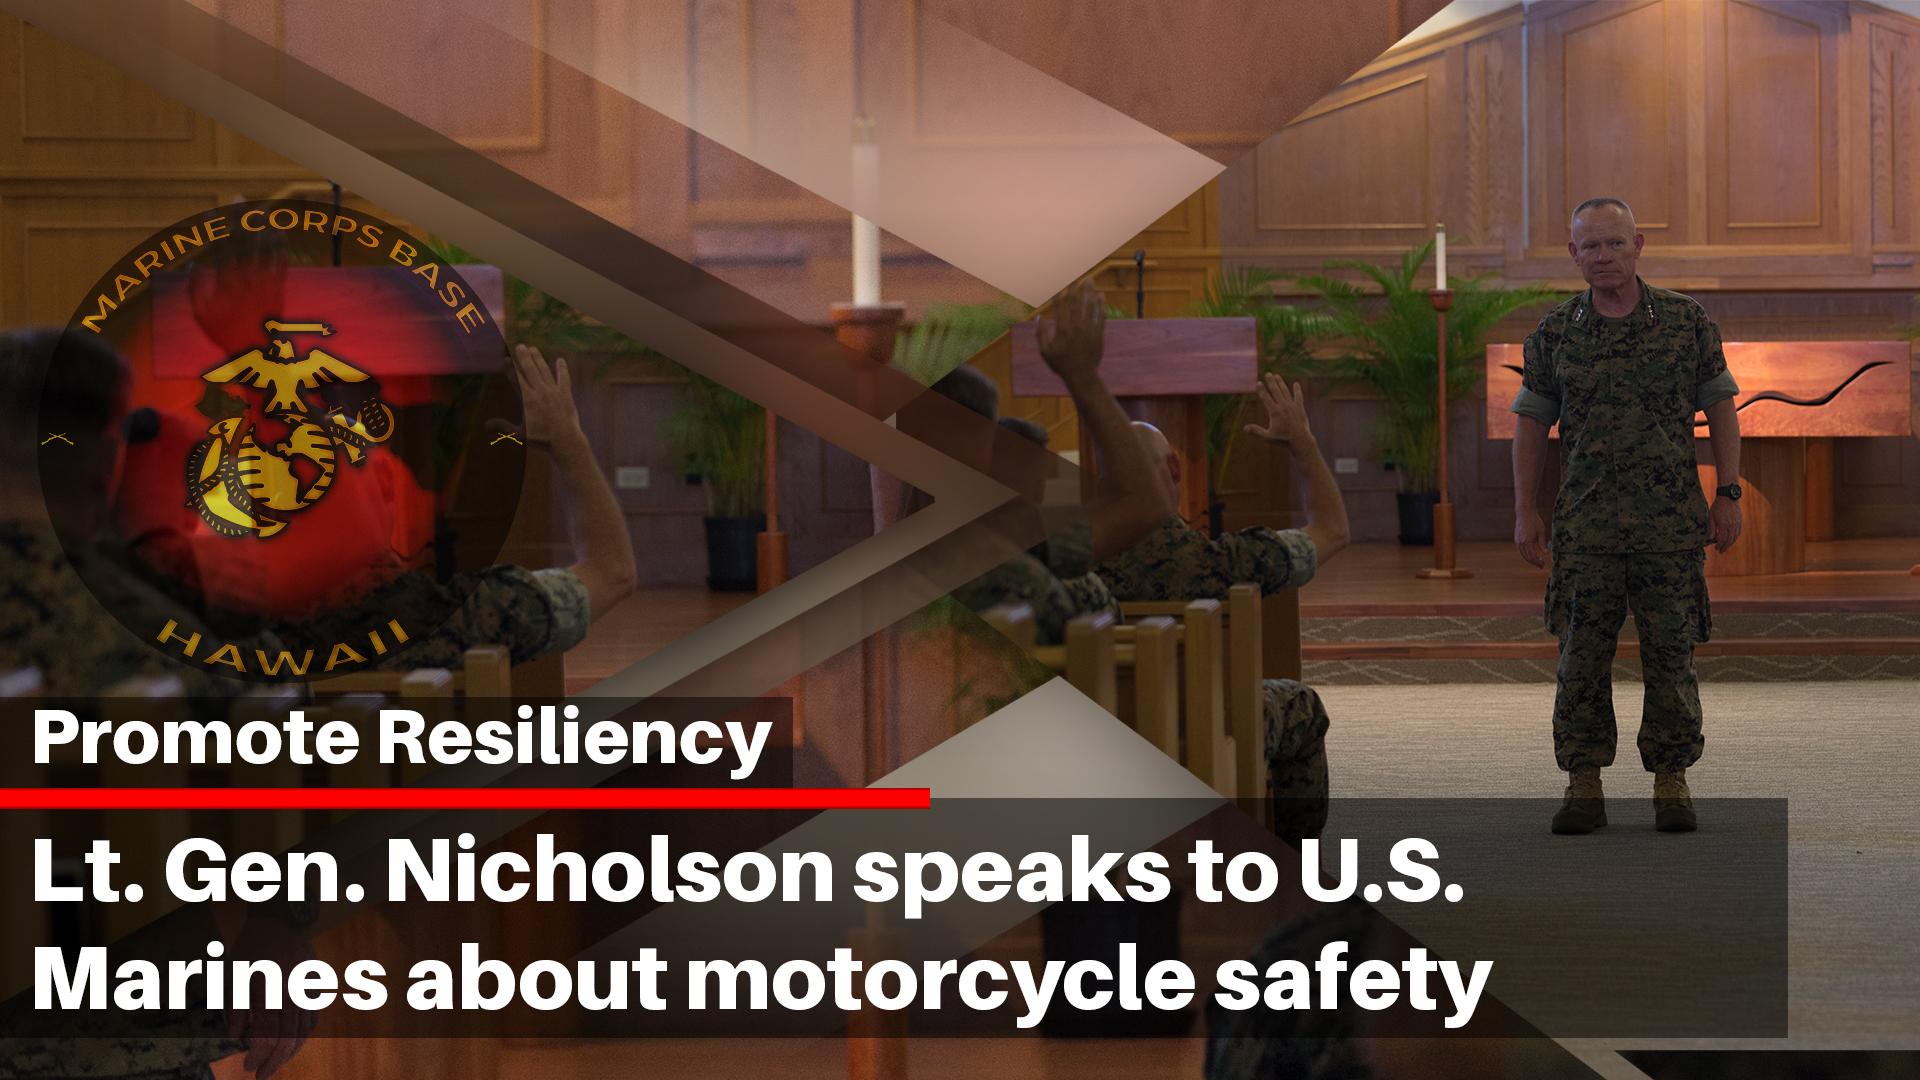 Lt. Gen. Nicholson speak to U.S. Marines about motorcycle safety